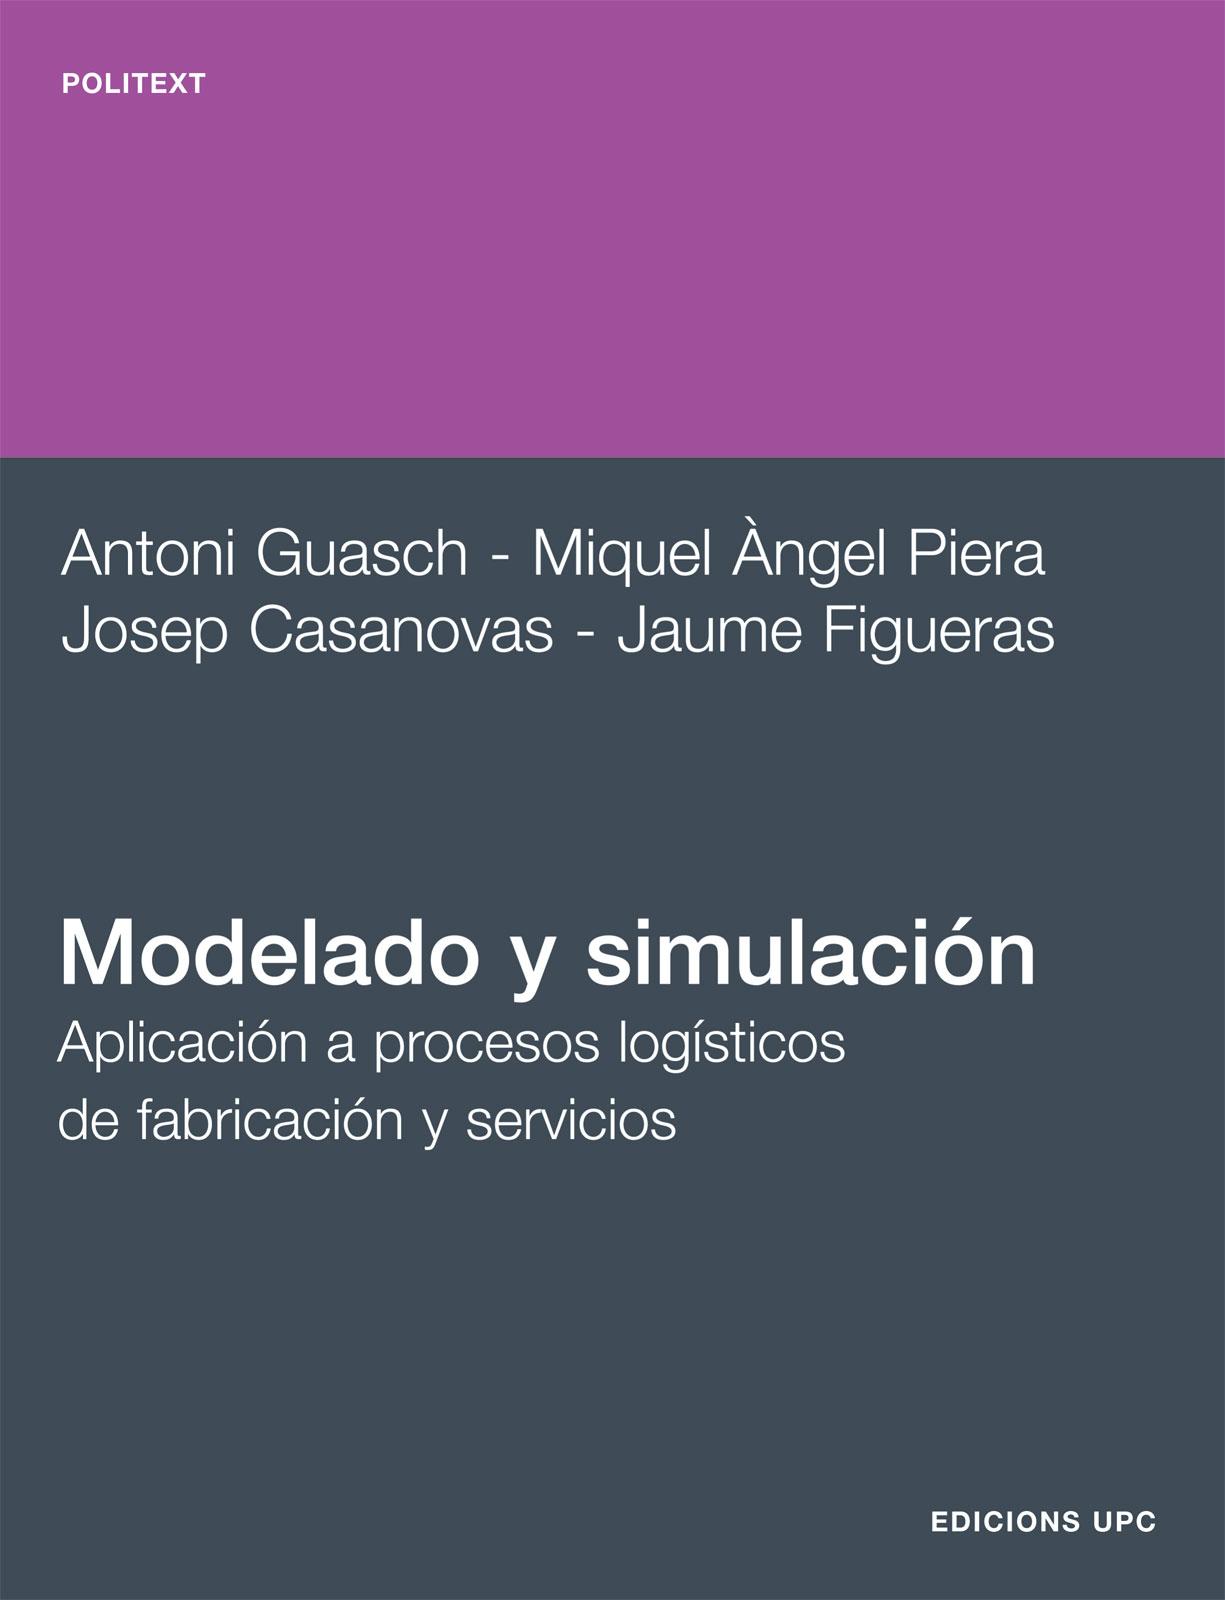 Modelado y simulación : aplicación a procesos logísticos de fabricación y servicios